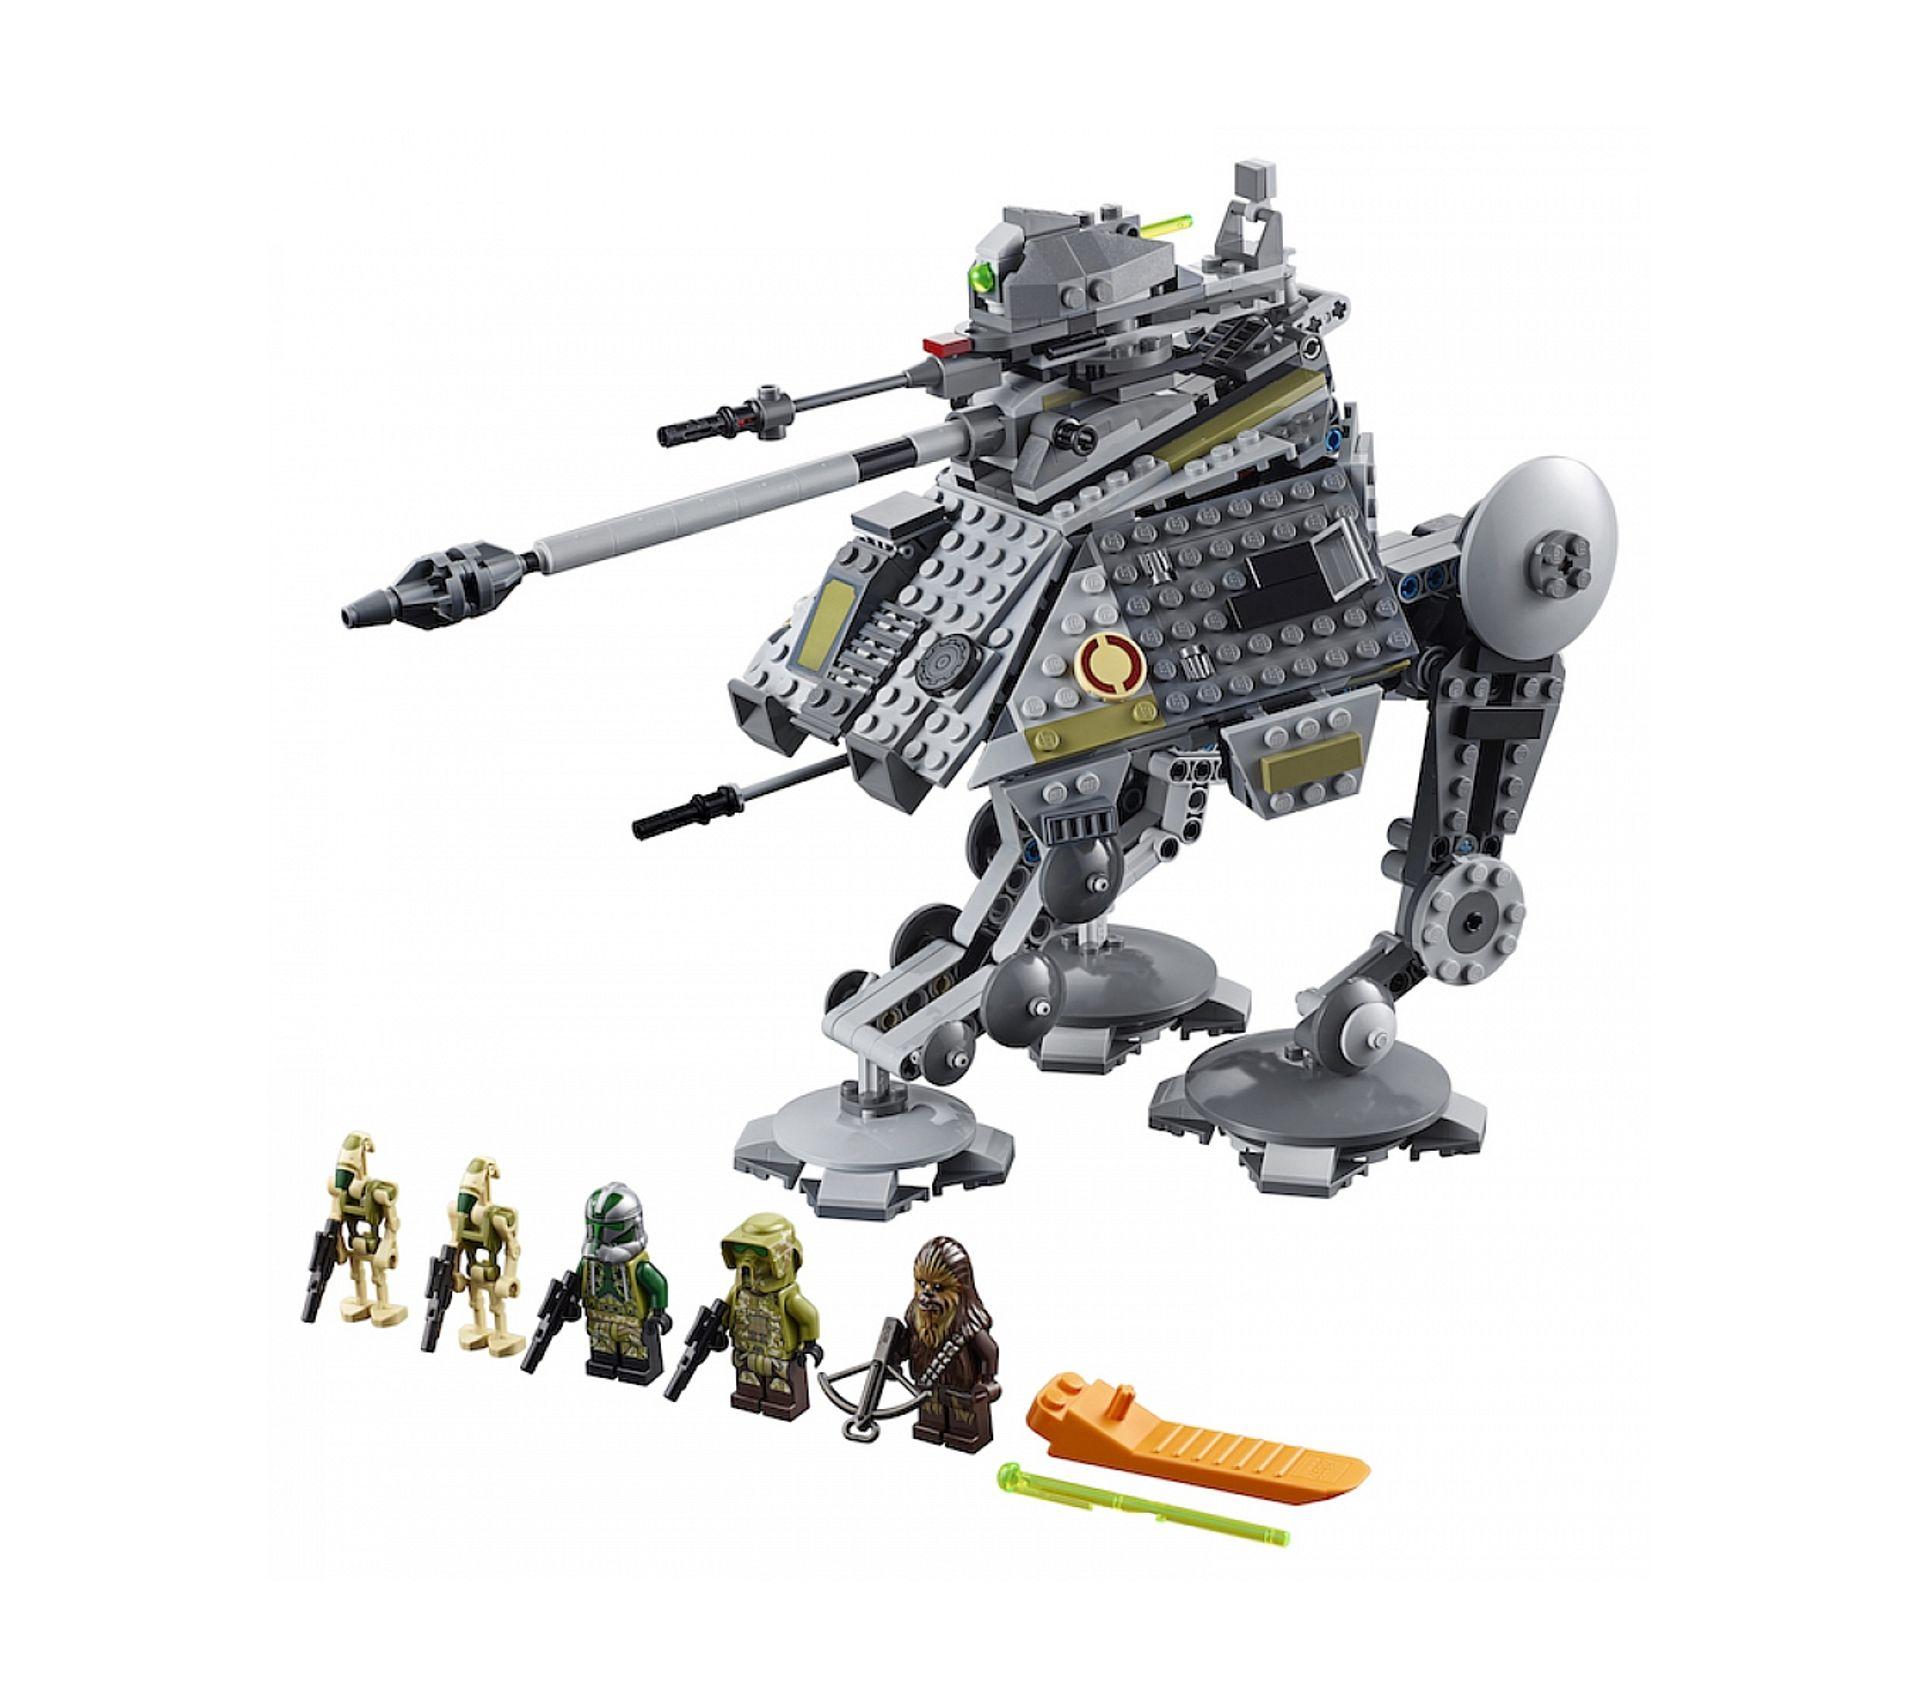 LEGO accessoires rouge figurines star wars Clone soldat commandant accessoires visière